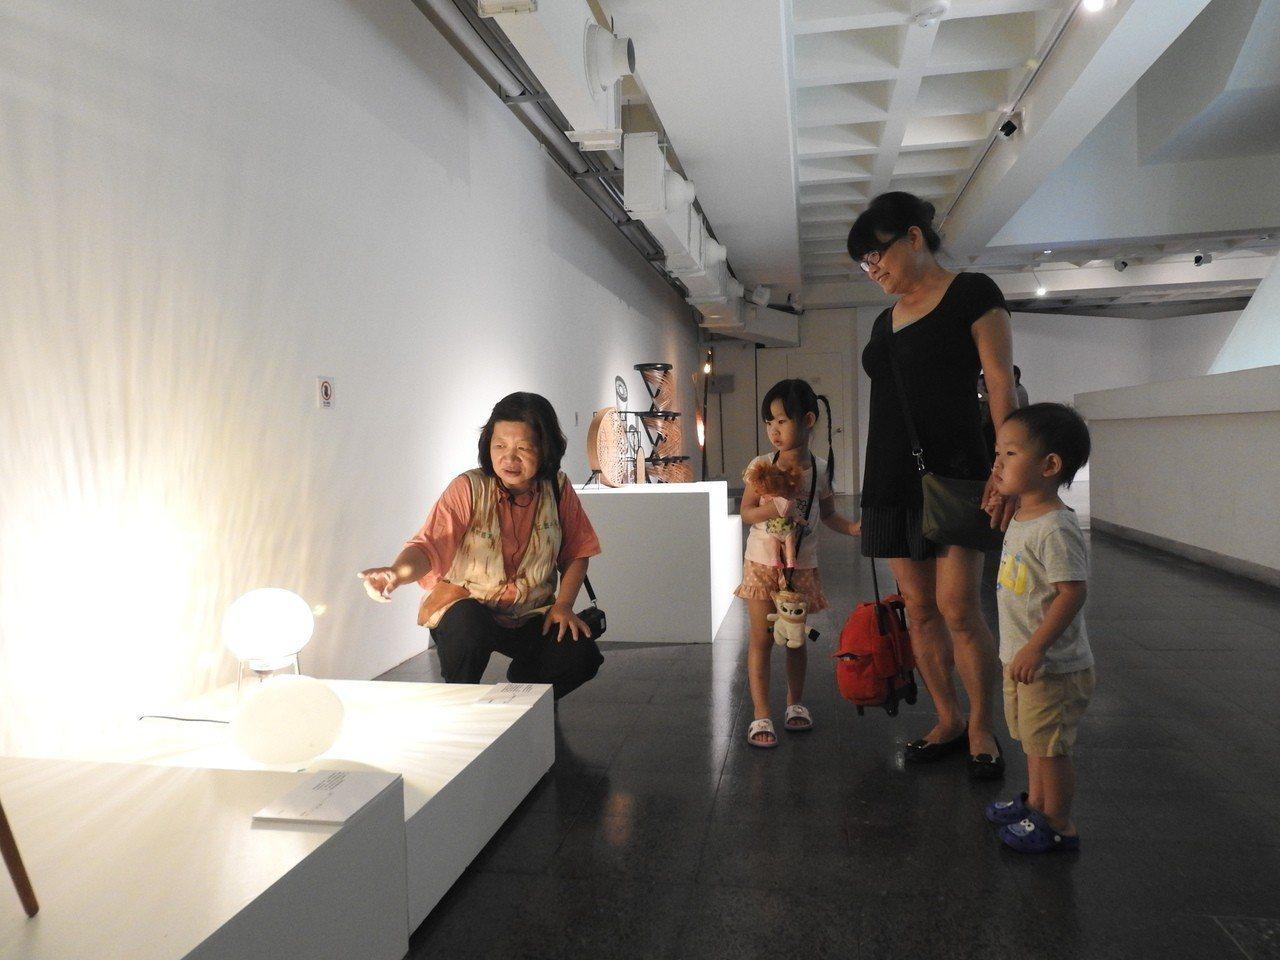 台灣工藝研究發展中心開辦「逐夢、實踐與堅持-工藝揚星新秀展」至11月18日。記者...